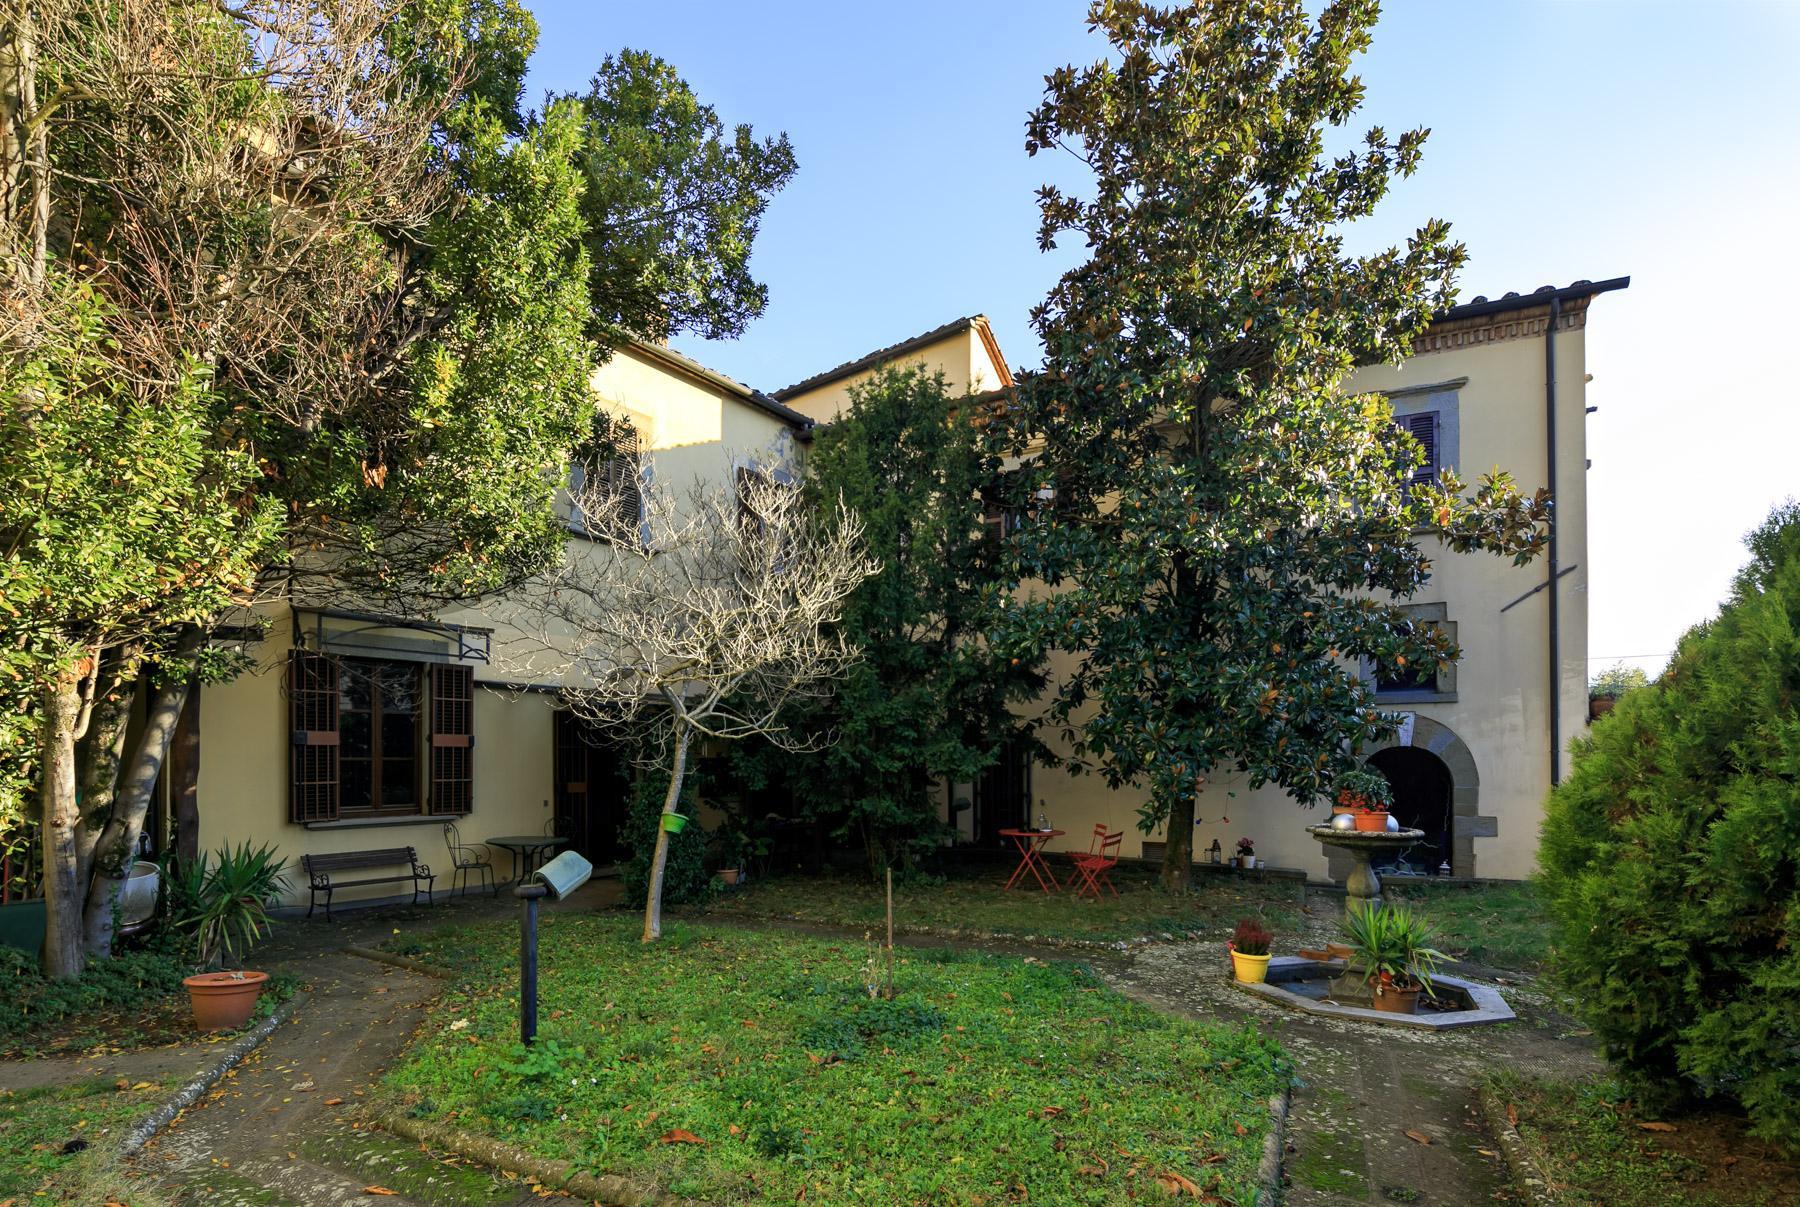 Palazzo Rinascimentale in Vendita a pochi passi da Piazza Grande, Arezzo - 20